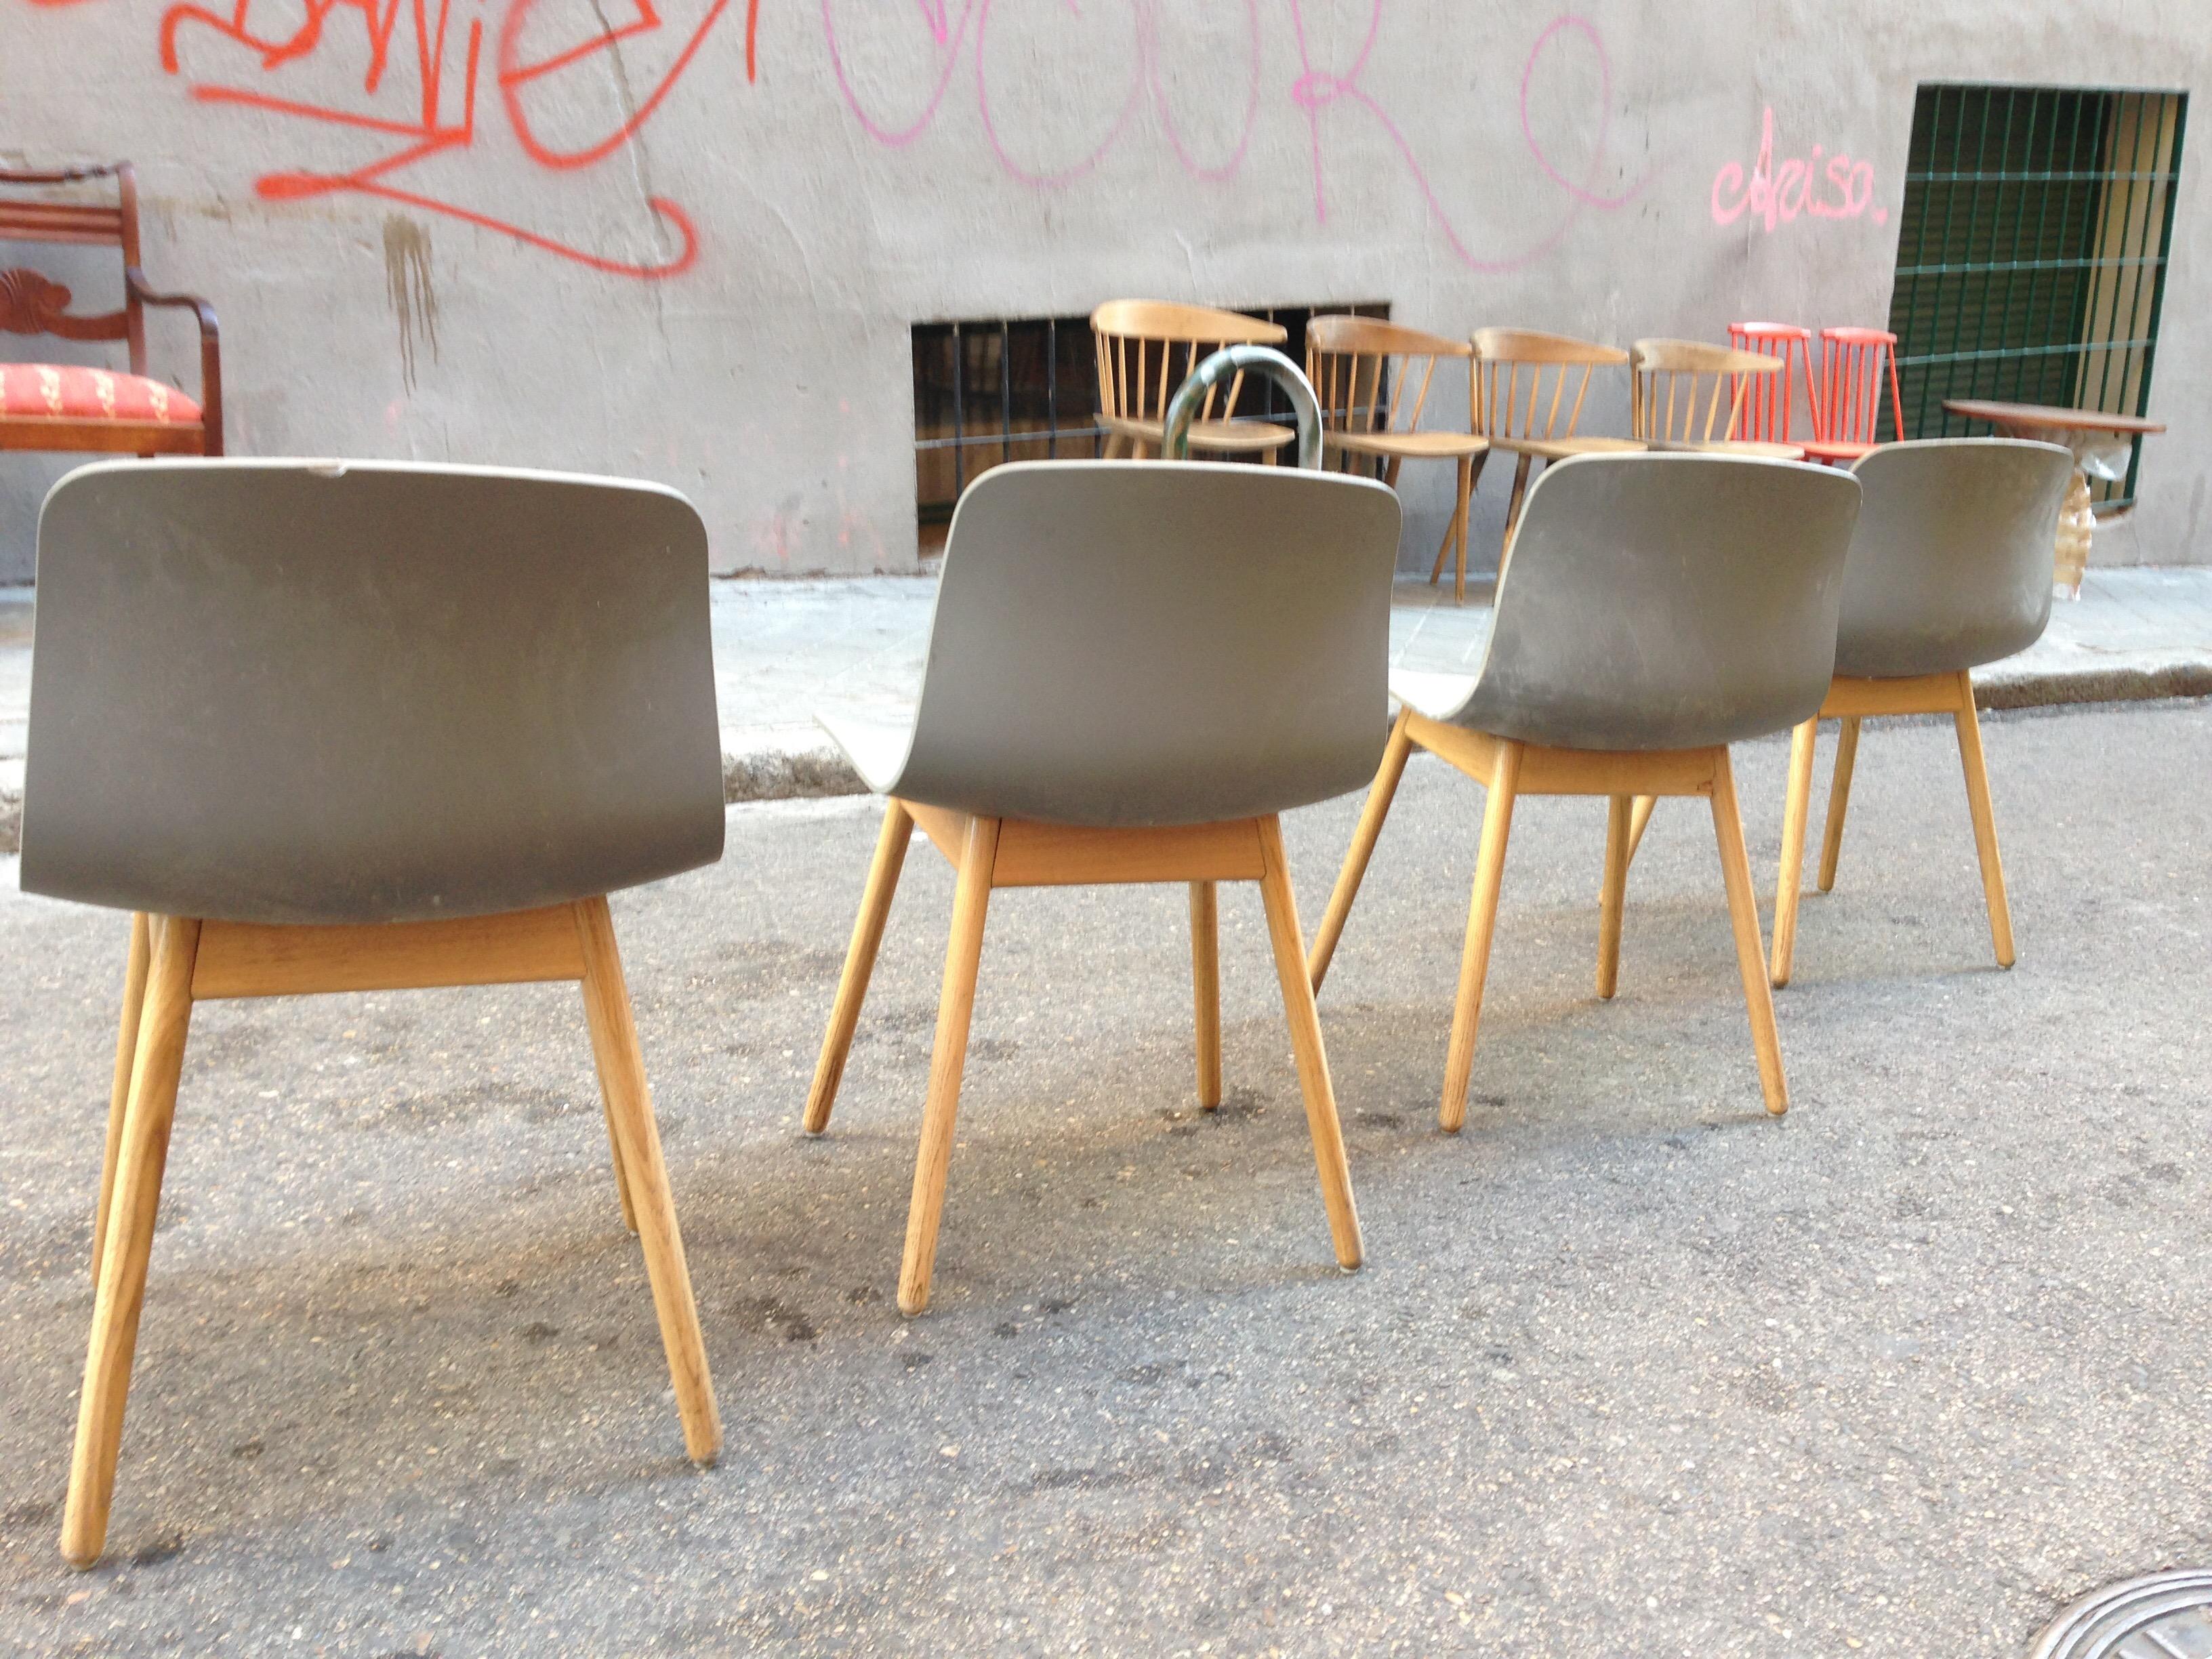 sillas danesas de la marca hay modelo aac color gris precio uac unidad se venden por separado haydk